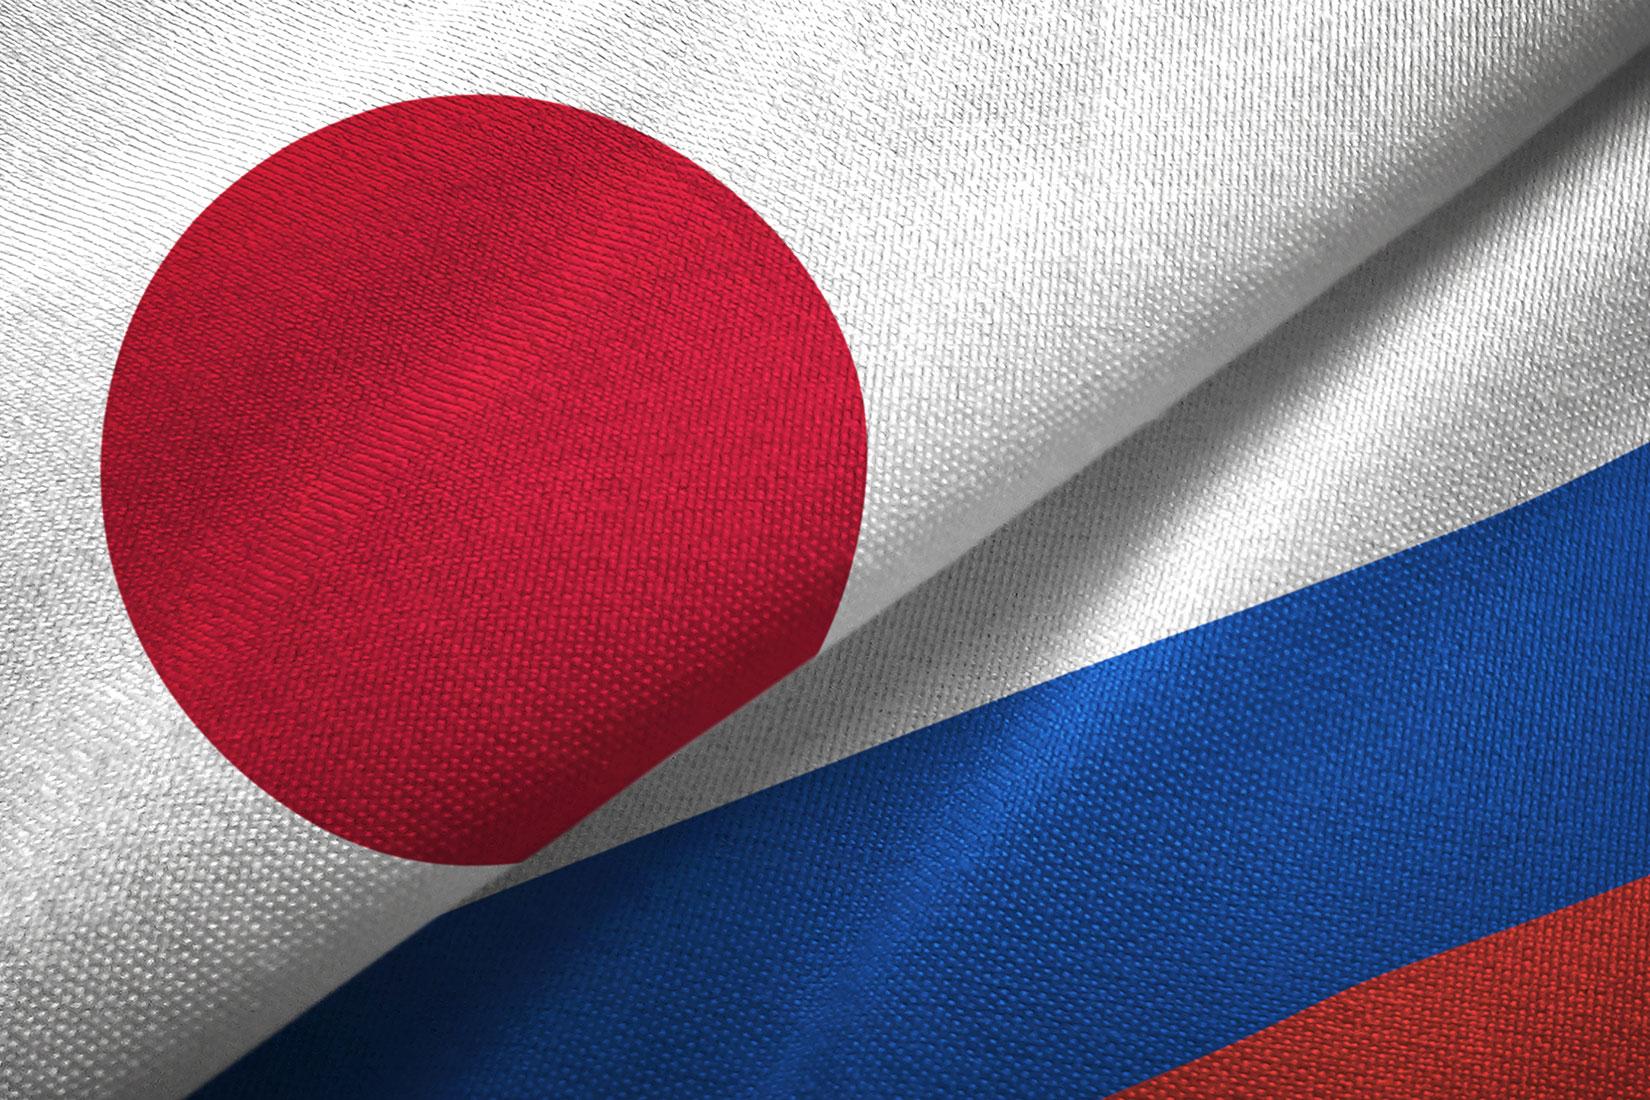 北方領土におけるロシア軍近代化の現況と日本外交への示唆